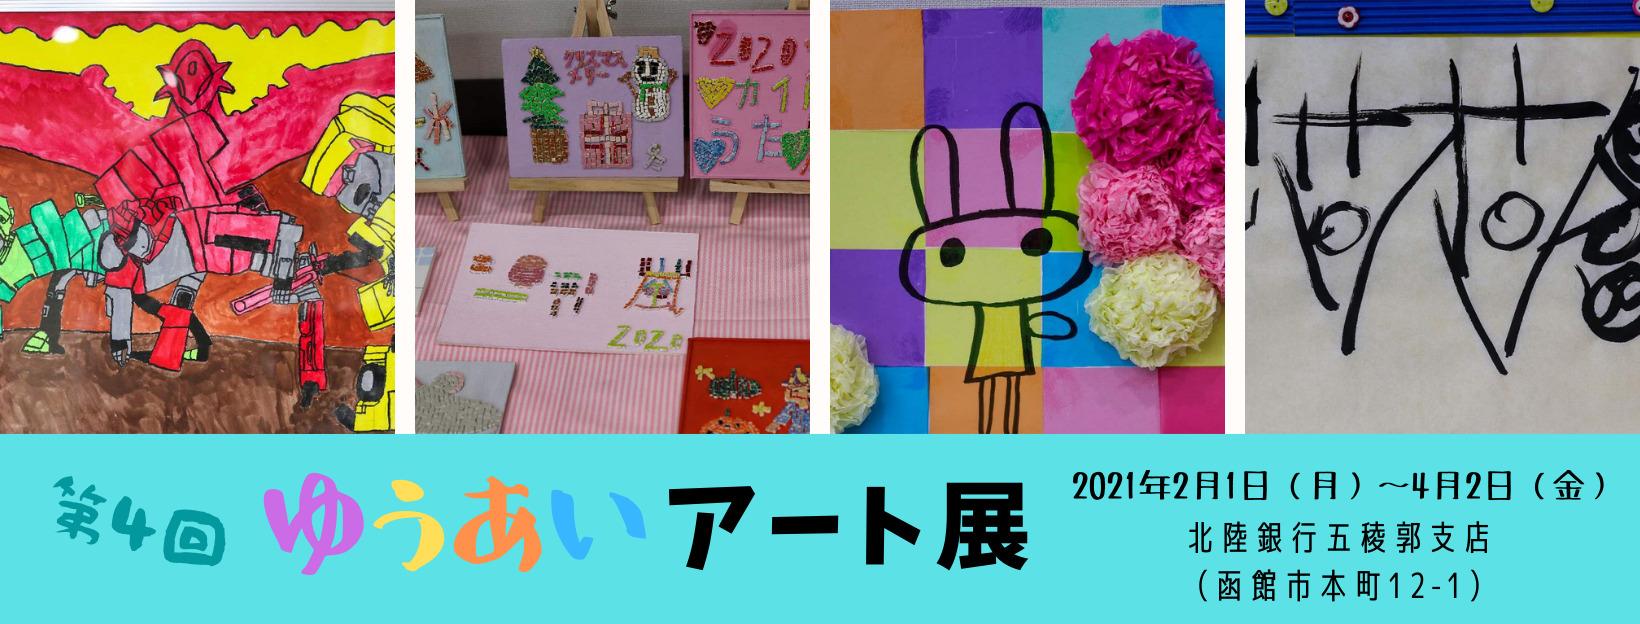 「第4回ゆうあいアート展」を開催します。